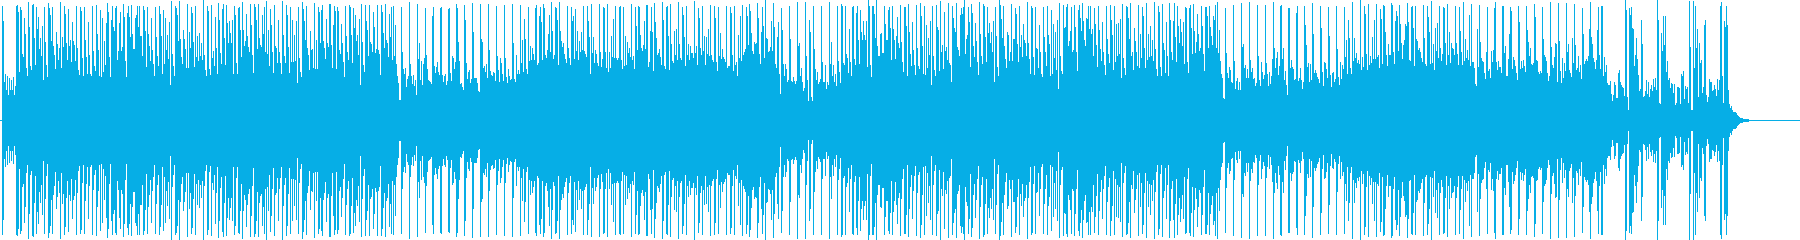 オリエンタルなデジタルポップの再生済みの波形